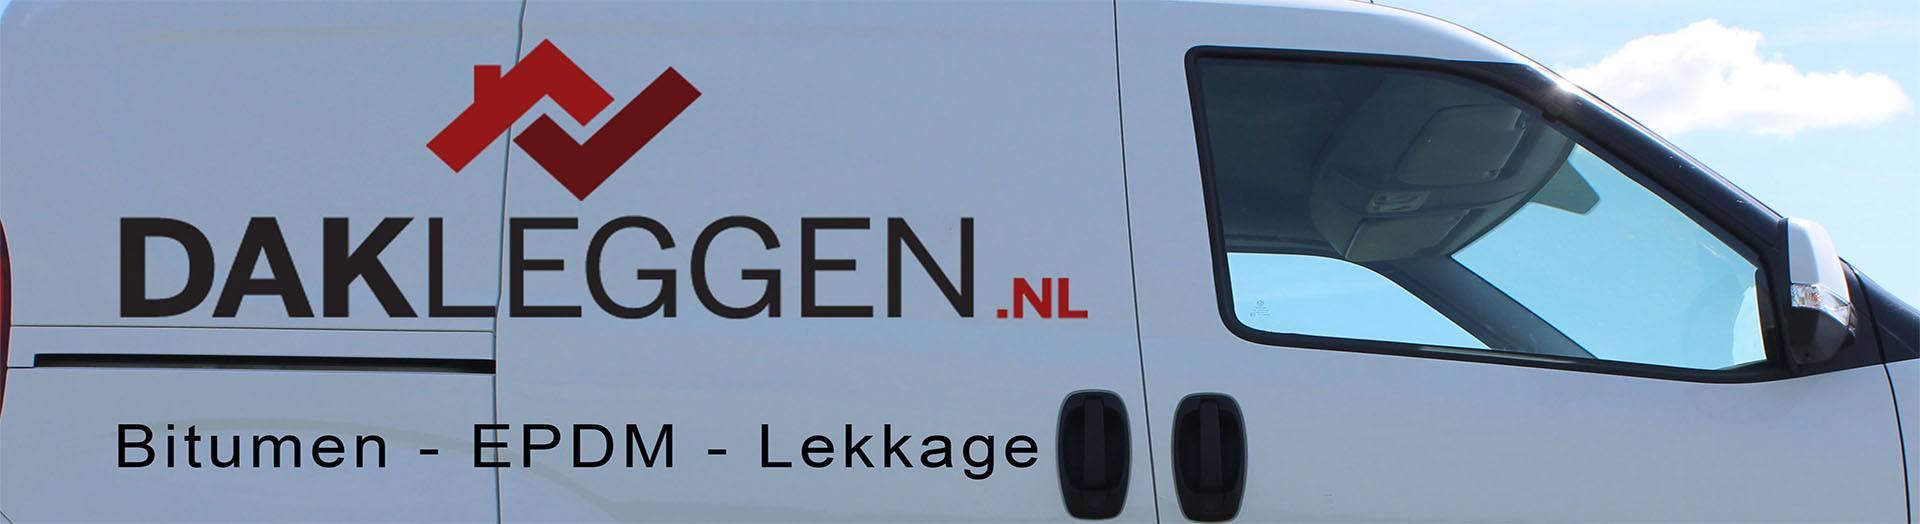 Dakleggen.nl